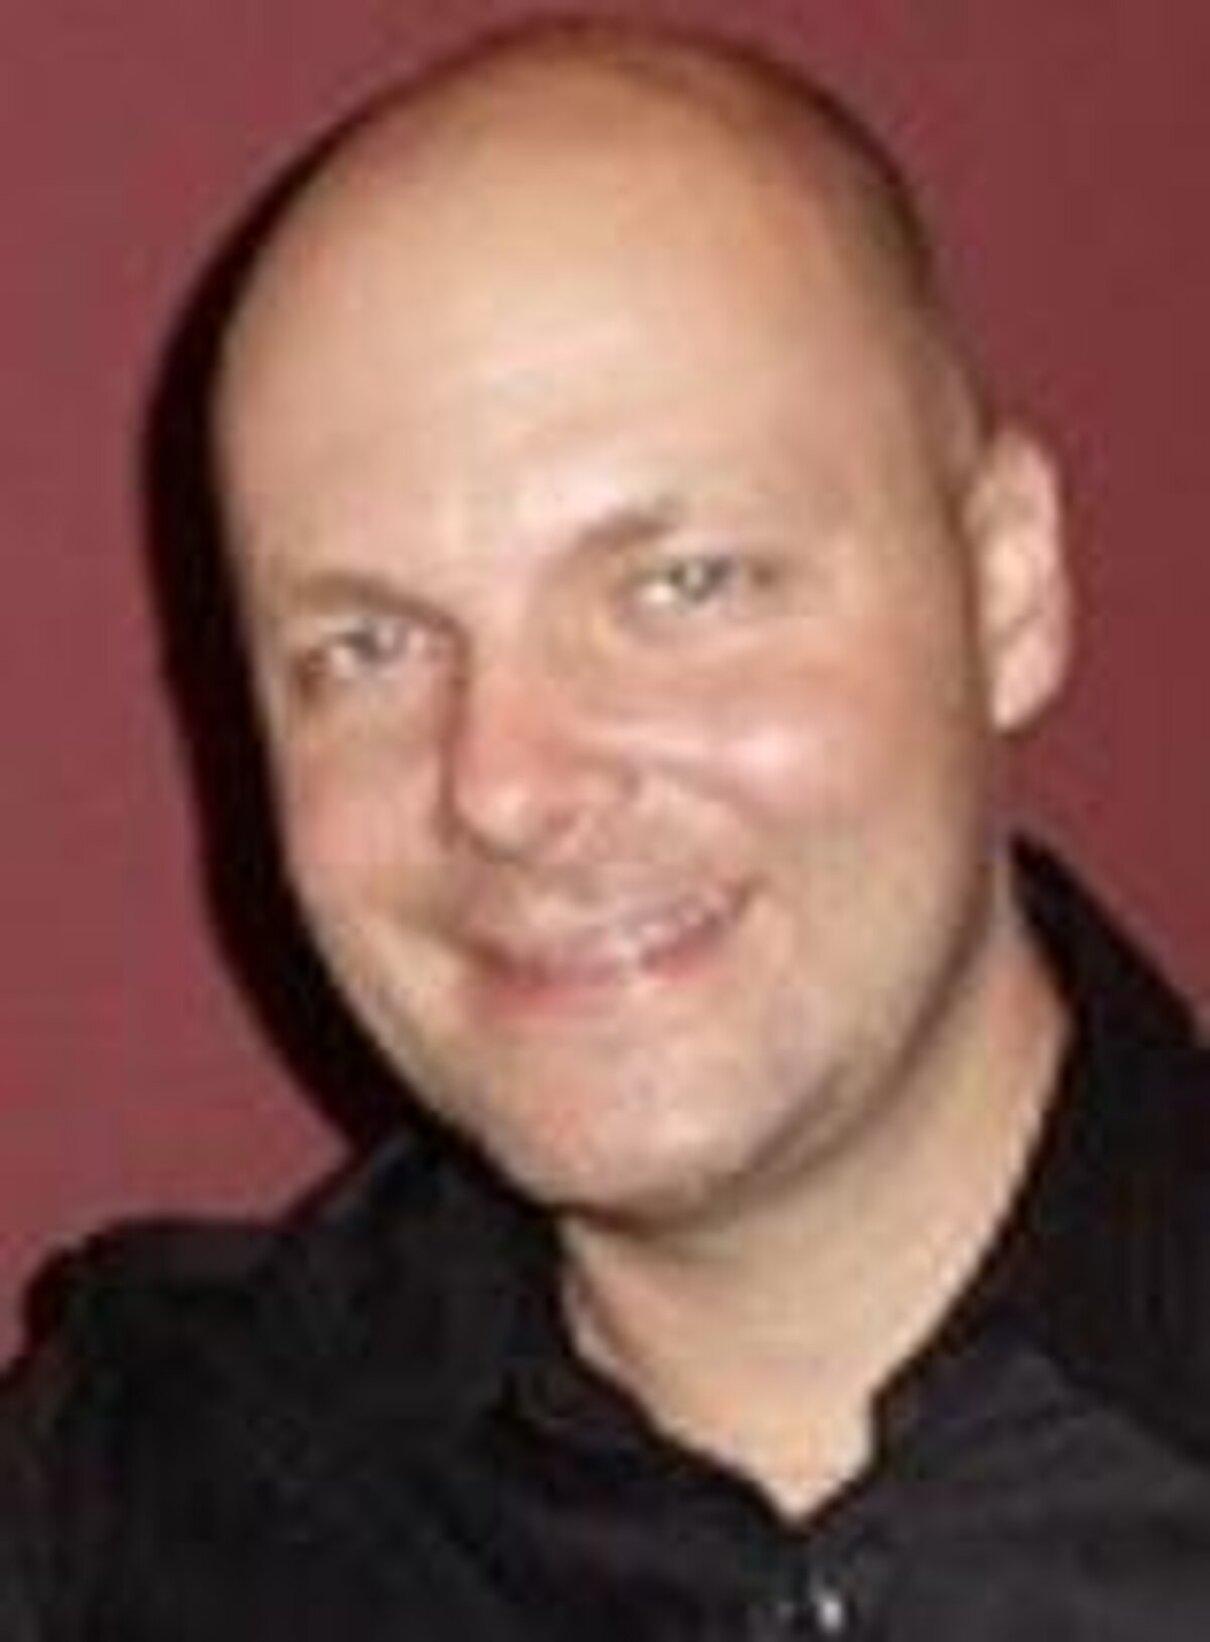 Complaint-review: Brad Kish - Trek Alliance OKC